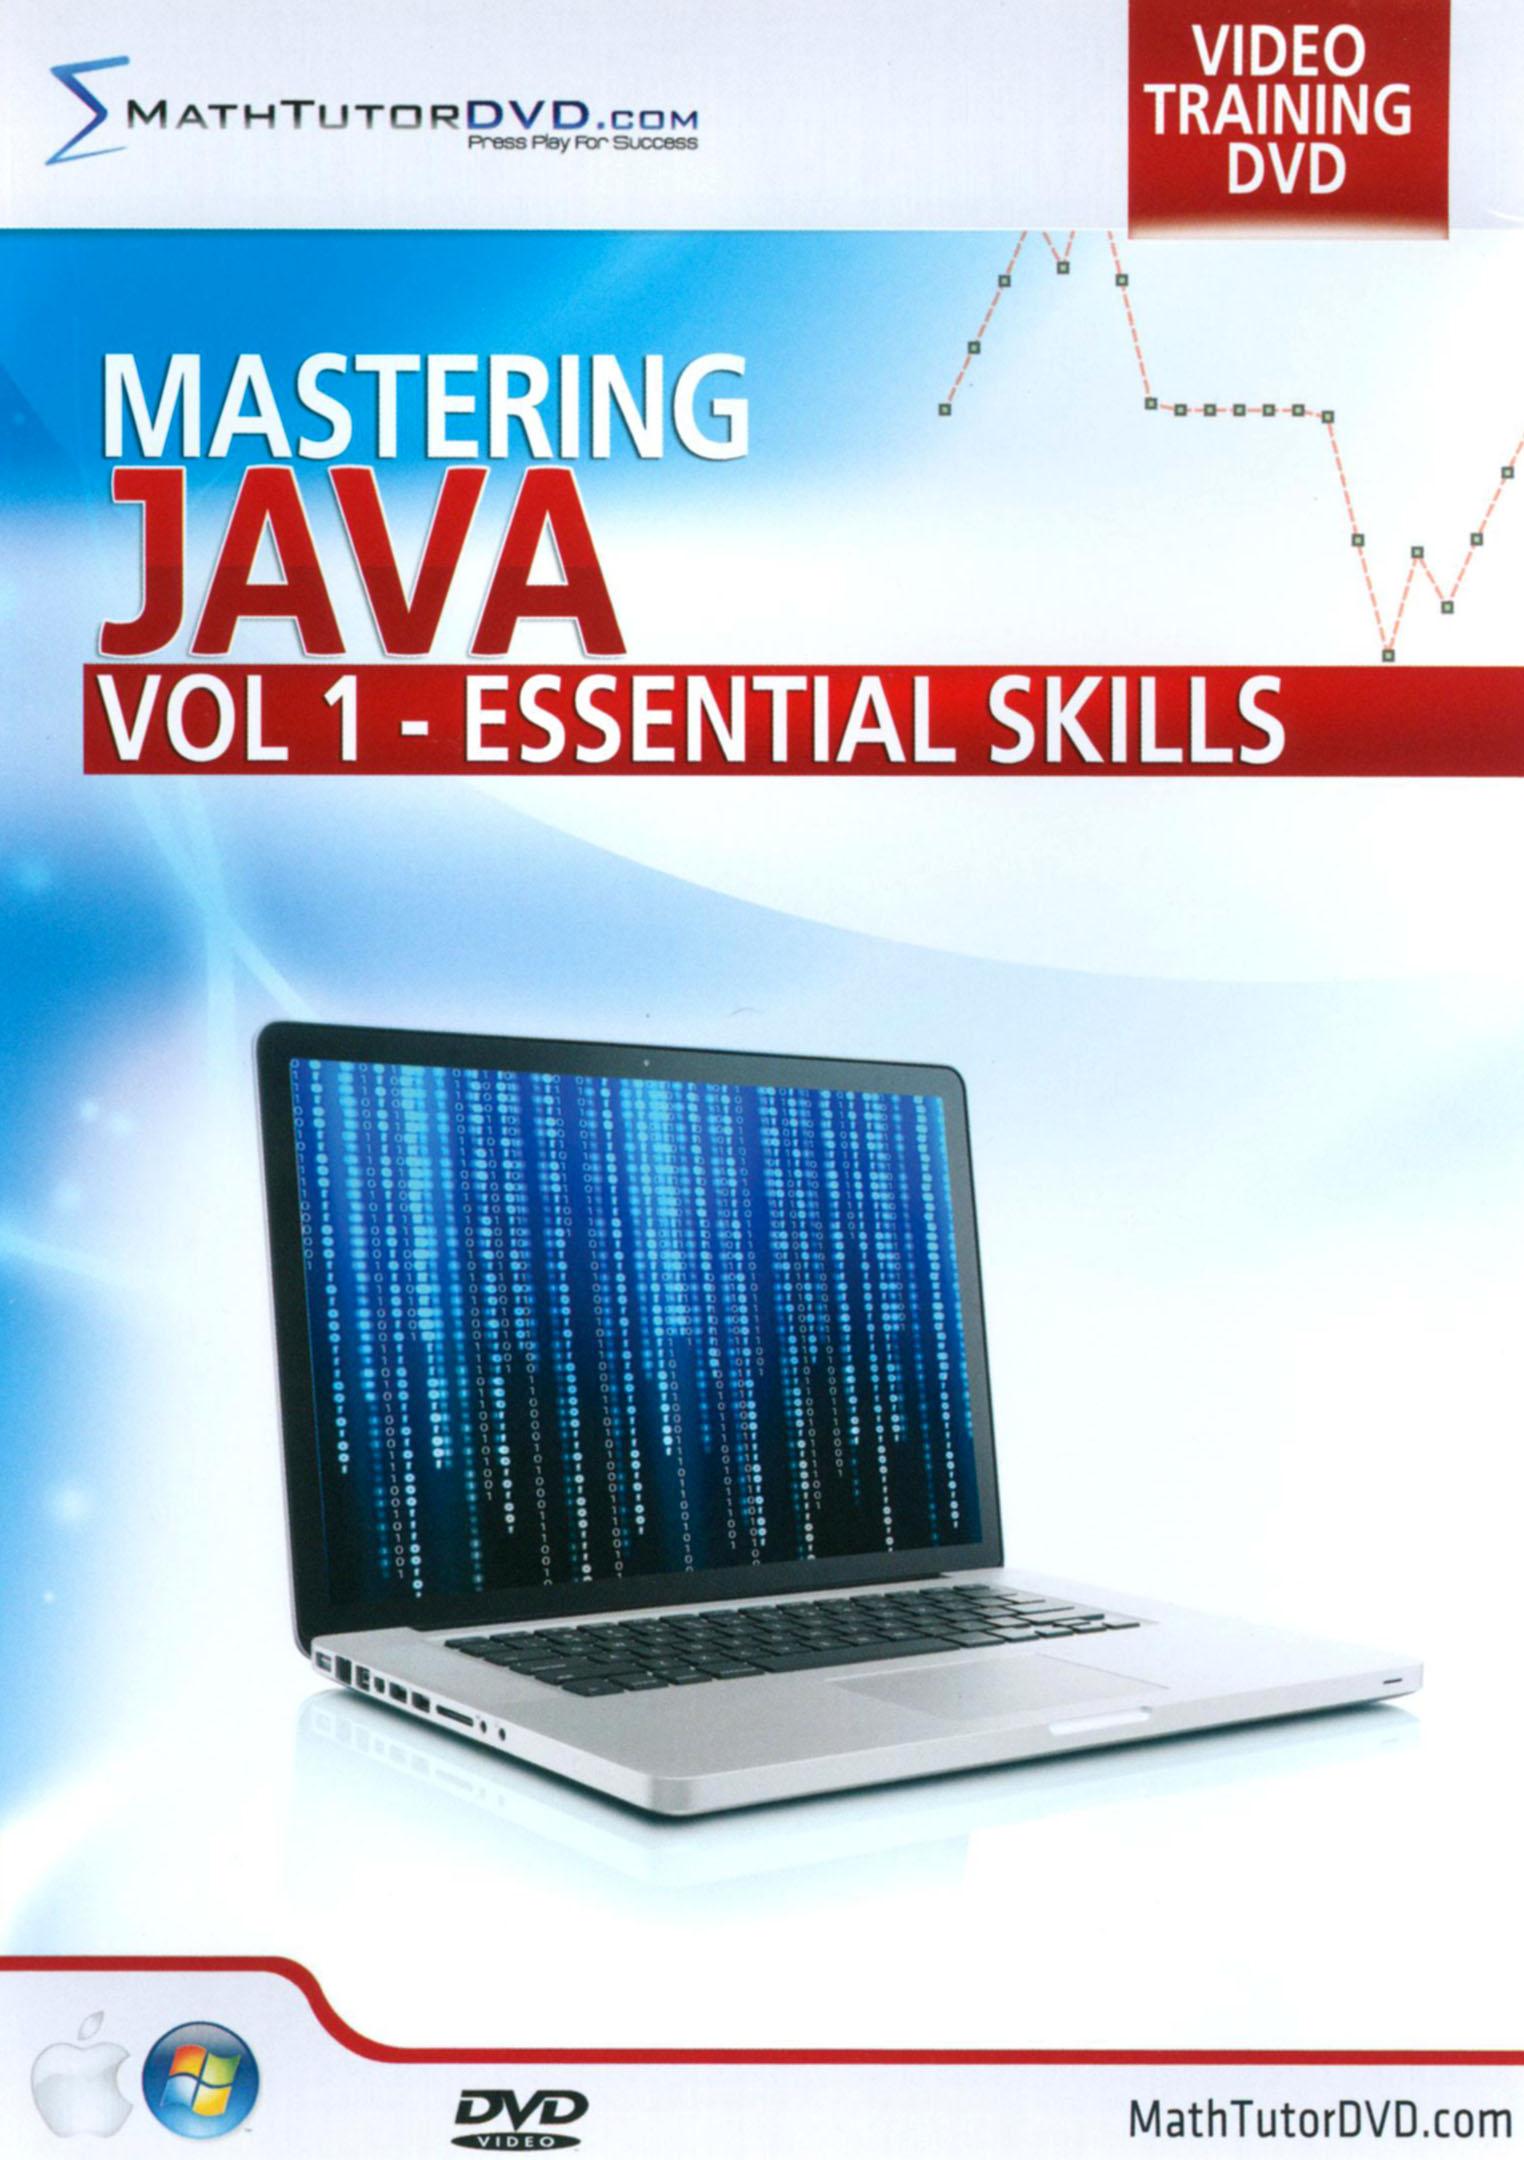 Mastering Java, Vol. 1: Essential Skills